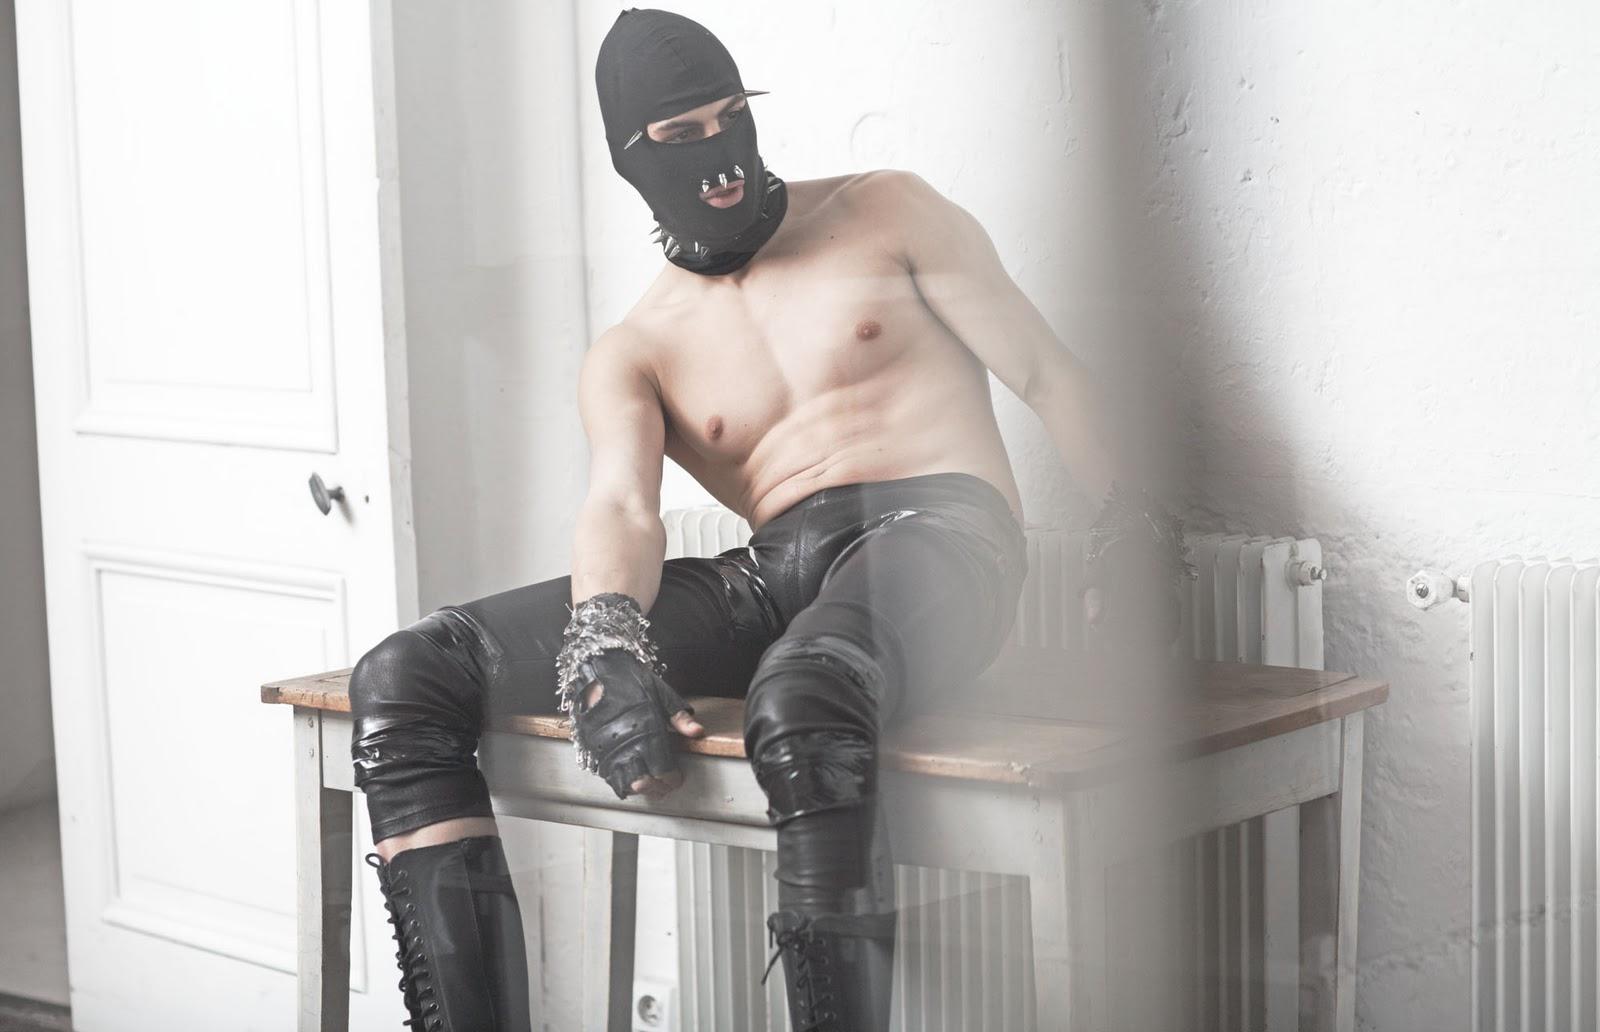 Проститутки москвы бдсм рабыня 11 фотография